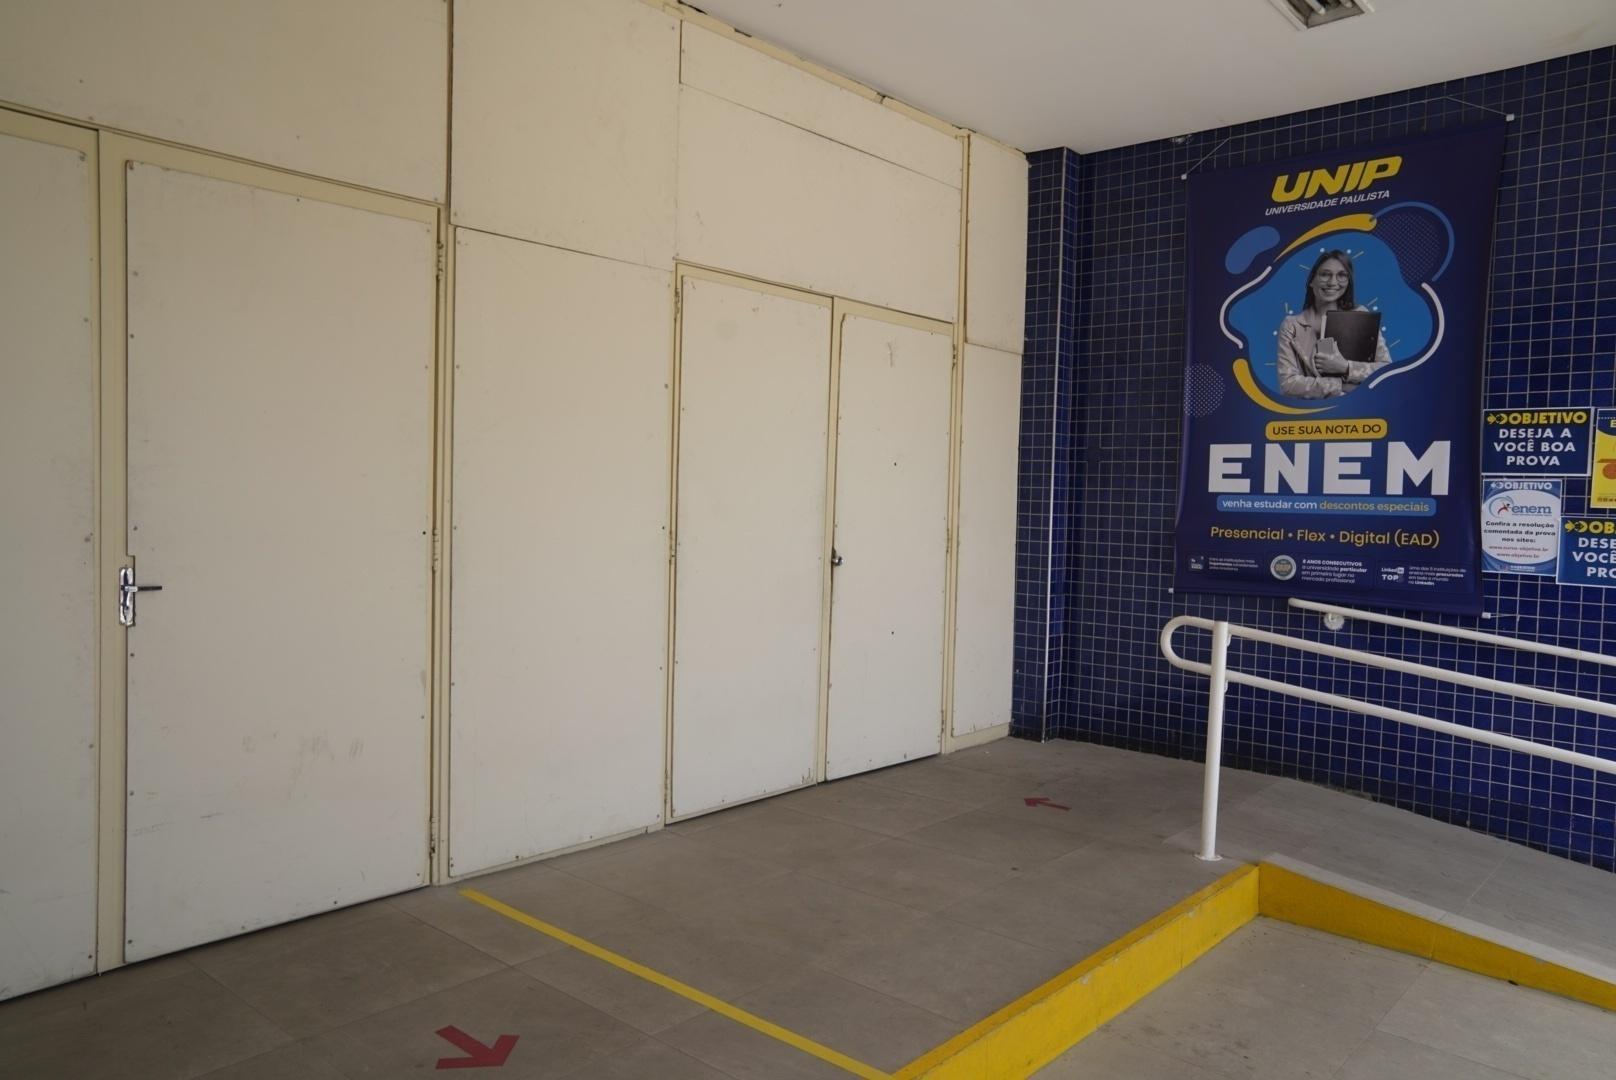 Portões fecharam às 13h para o início do exame - André Porto/UOL